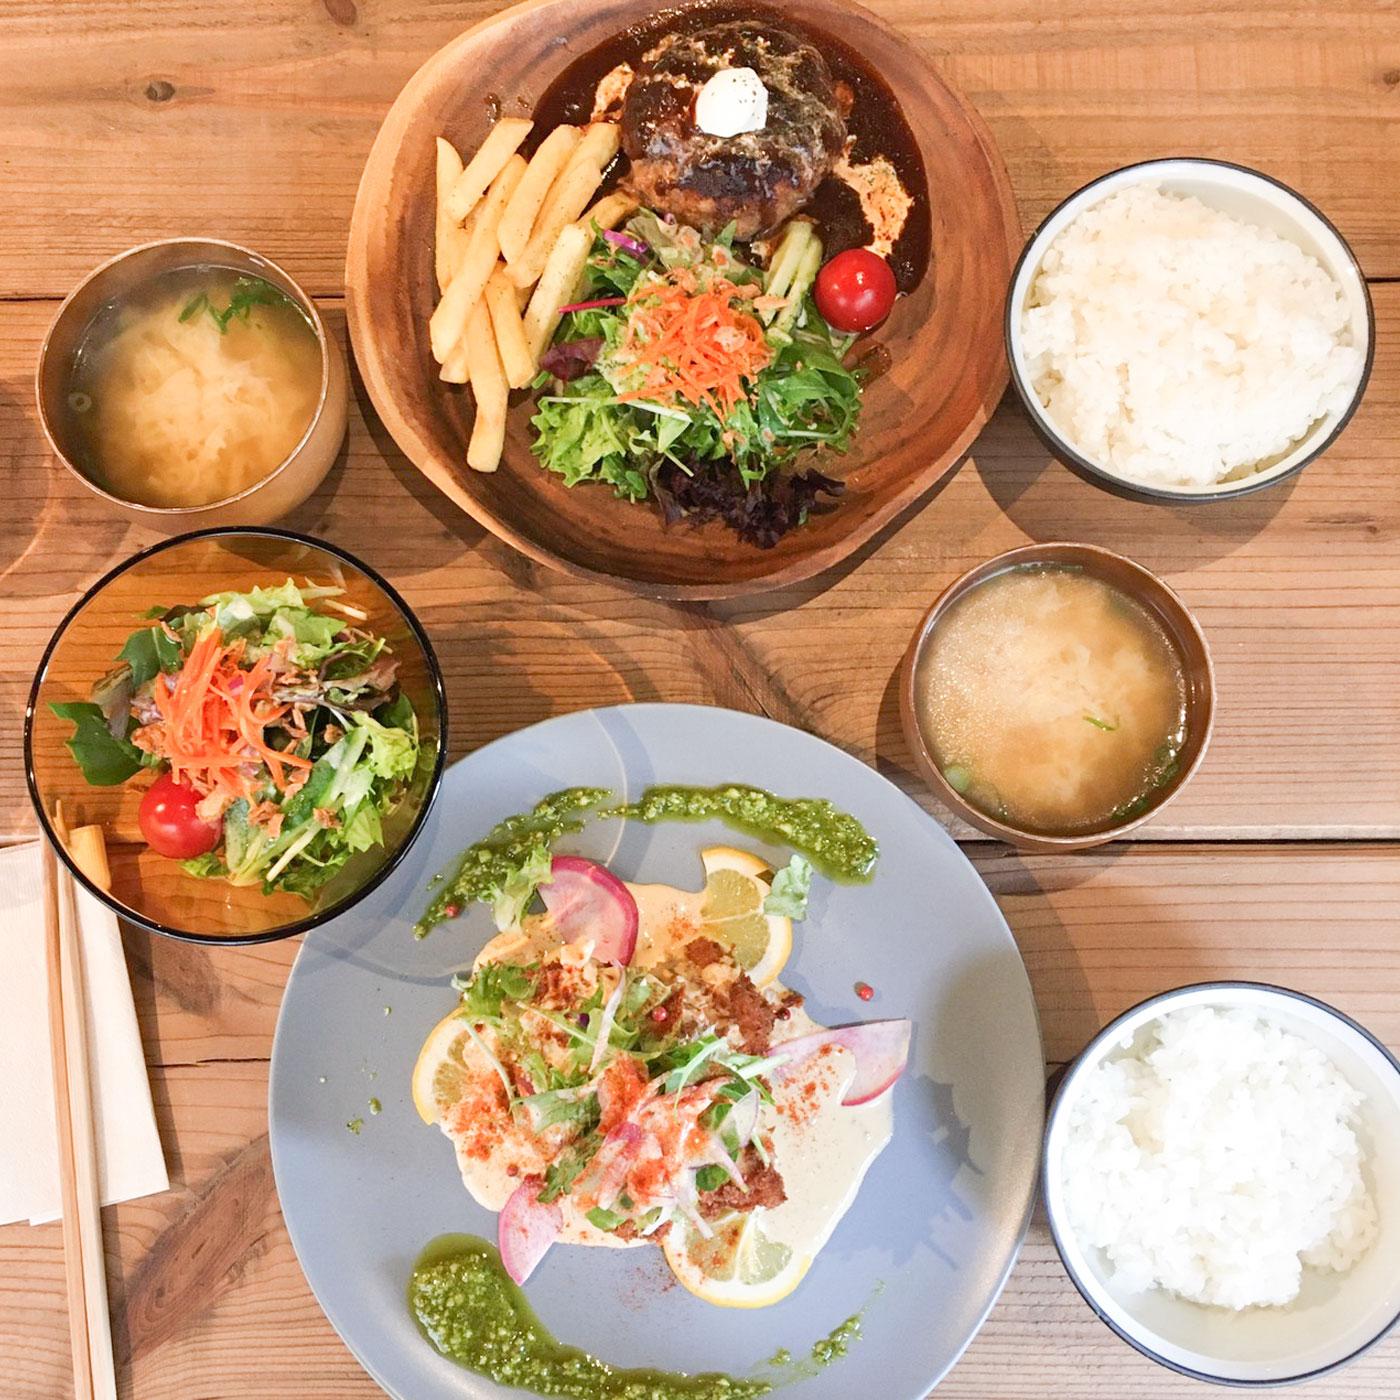 滋賀県北比良の人気店 木のした料理店さん ランチへ行ってきました。